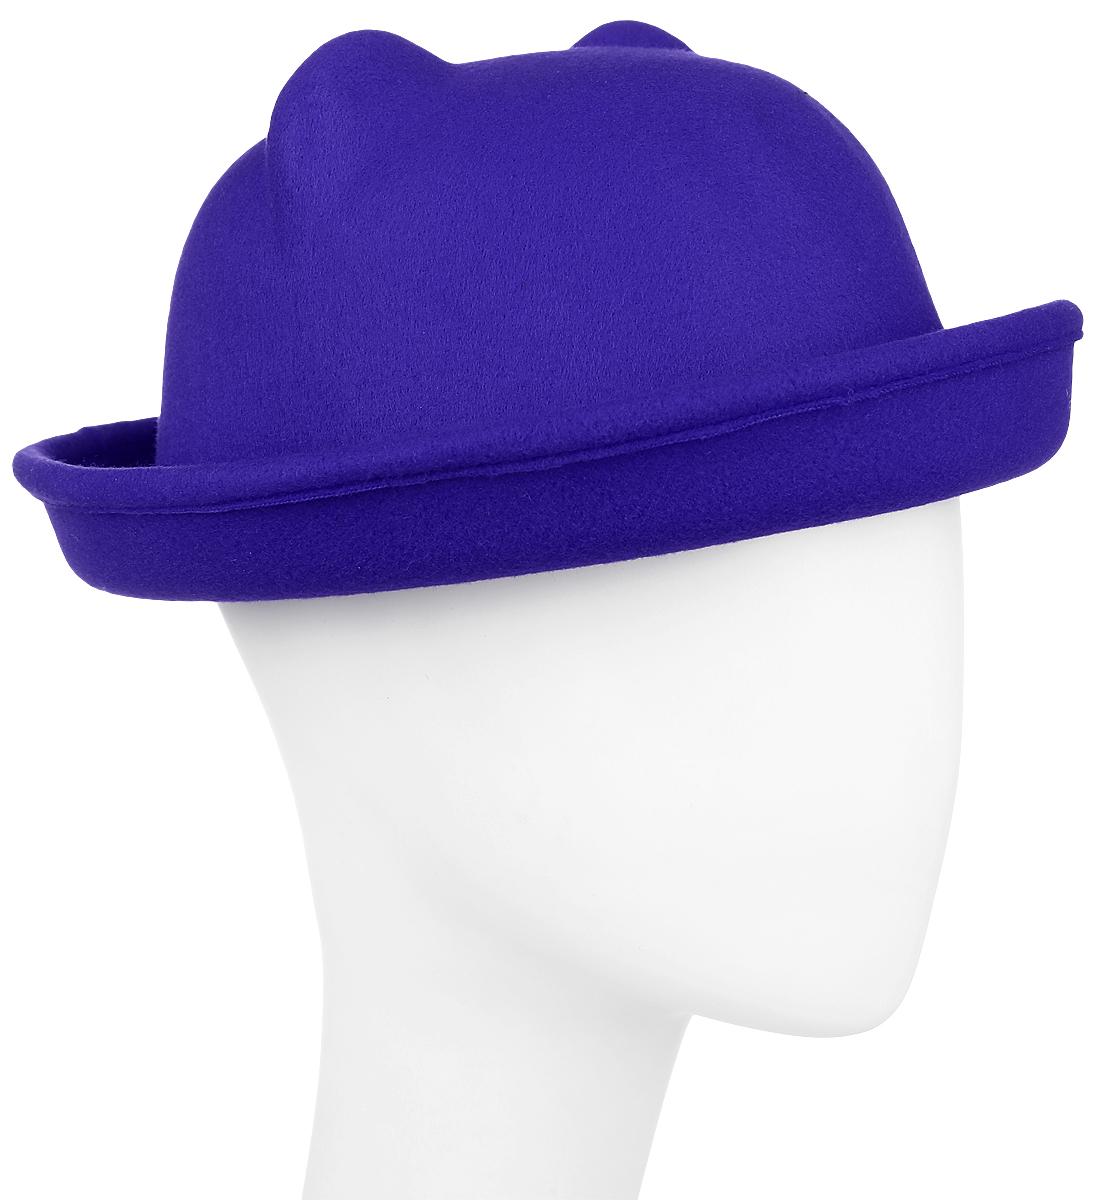 Шляпа женская Kawaii Factory, цвет: синий. KW081-000265. Размер: 57KW081-000265Шляпа женская Kawaii Factory оформлена двумя ушками на макушке, имитирующими кошачьи. Шляпа имеет большой процент содержания шерсти. Добавление в состав полиэстера снижает риск деформации изделия. Шляпа имеет небольшие загнутые кверху поля. Уважаемые клиенты!Размер, доступный для заказа, является обхватом головы.